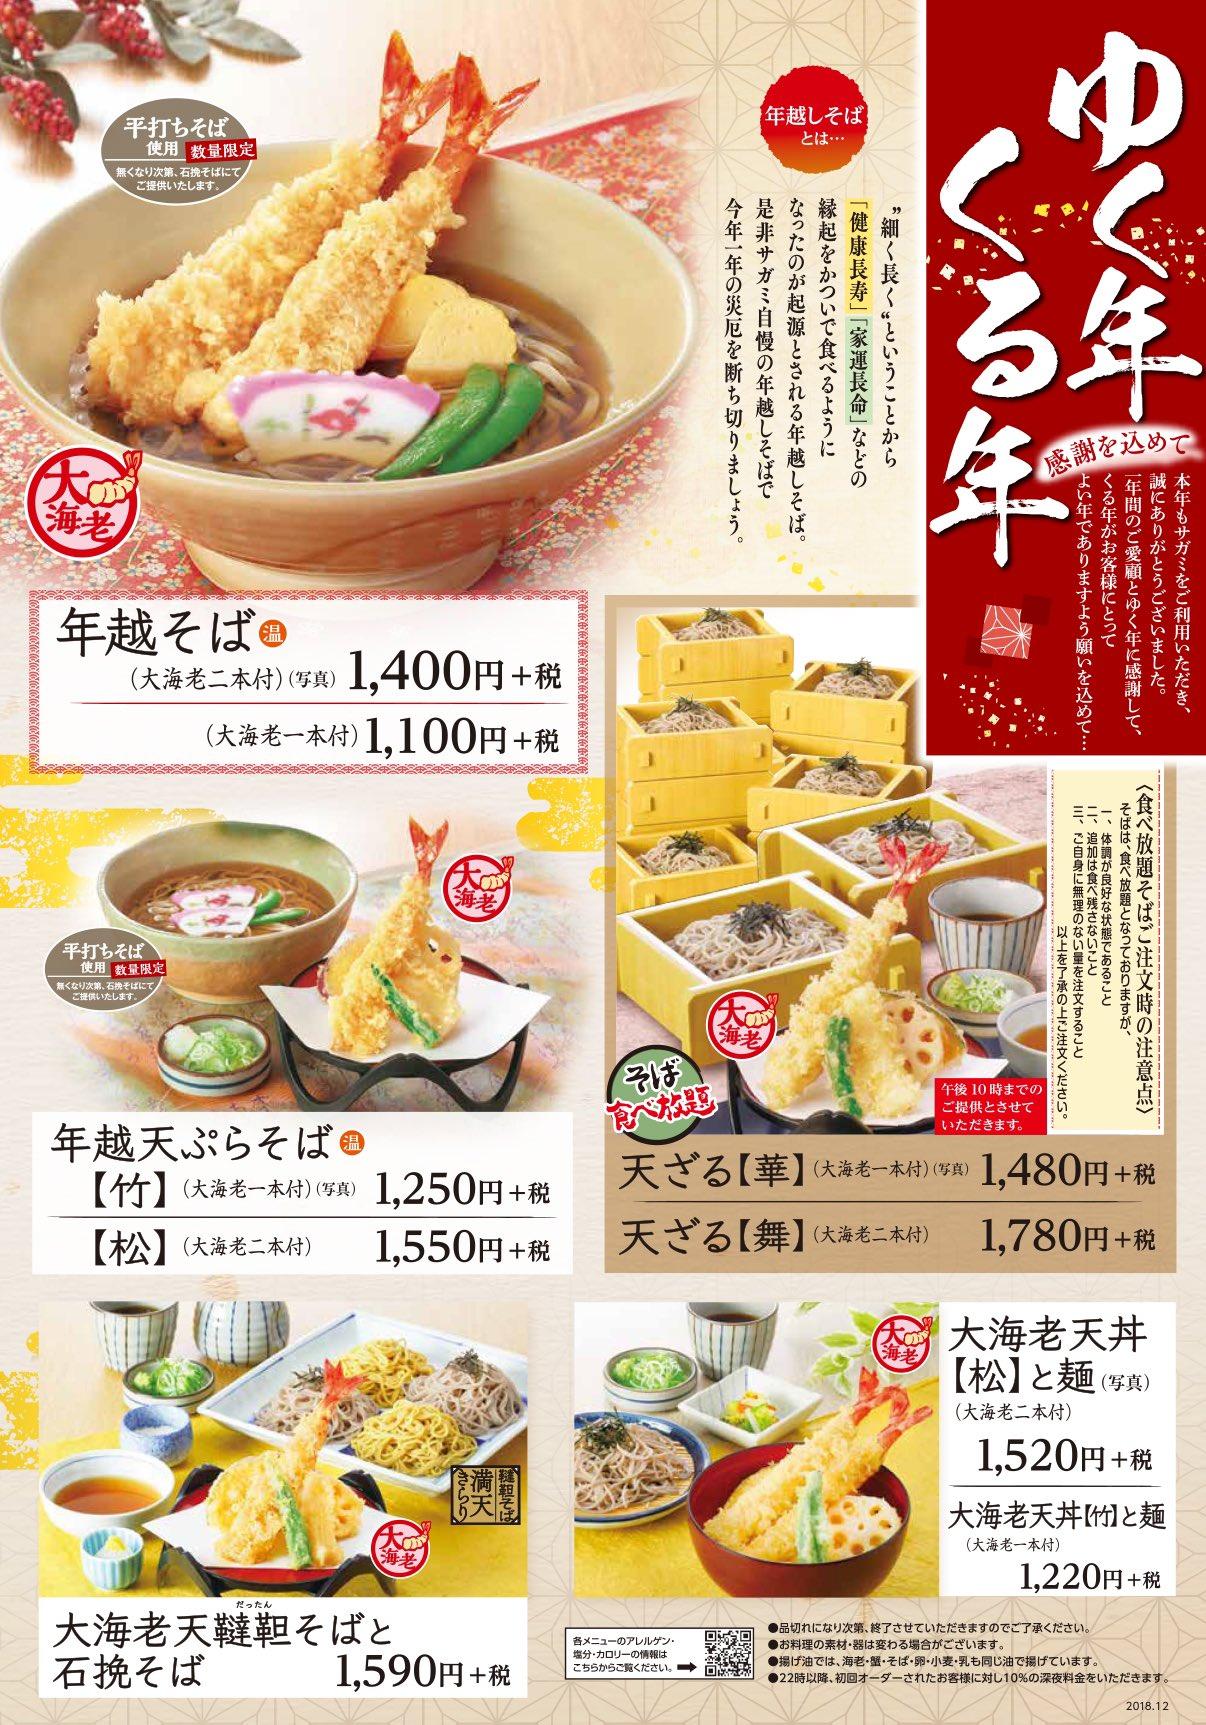 そば 食べ 放題 サガミ めん処サガミは毎月月末に「そば食べ放題」を開催!